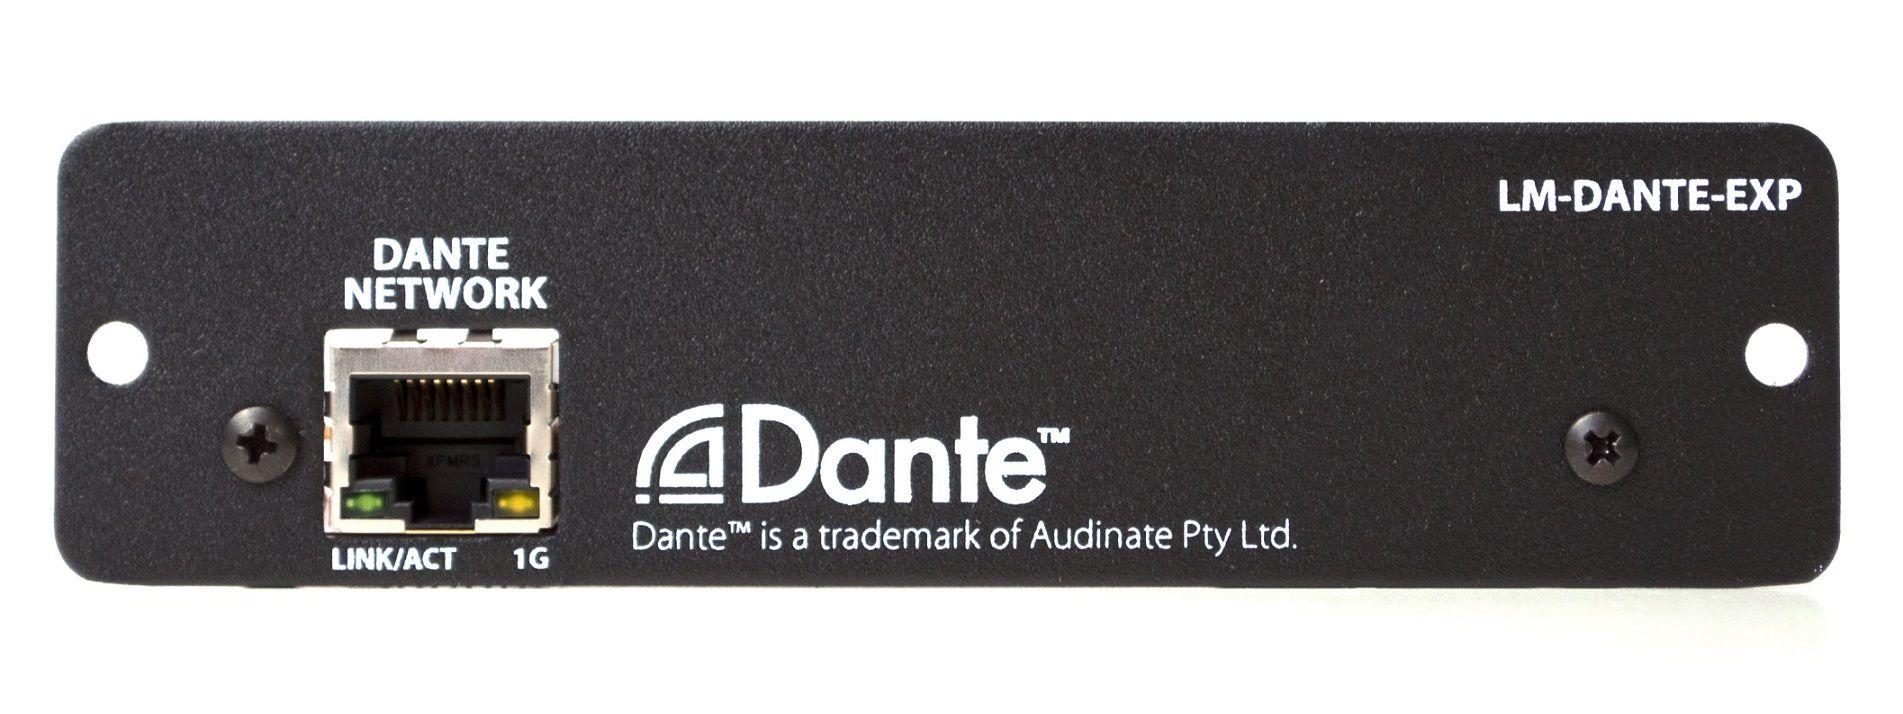 Placa Expansora Dante - Para MIX-16/32 - LM-DANTE-EXP - LIVEMIX